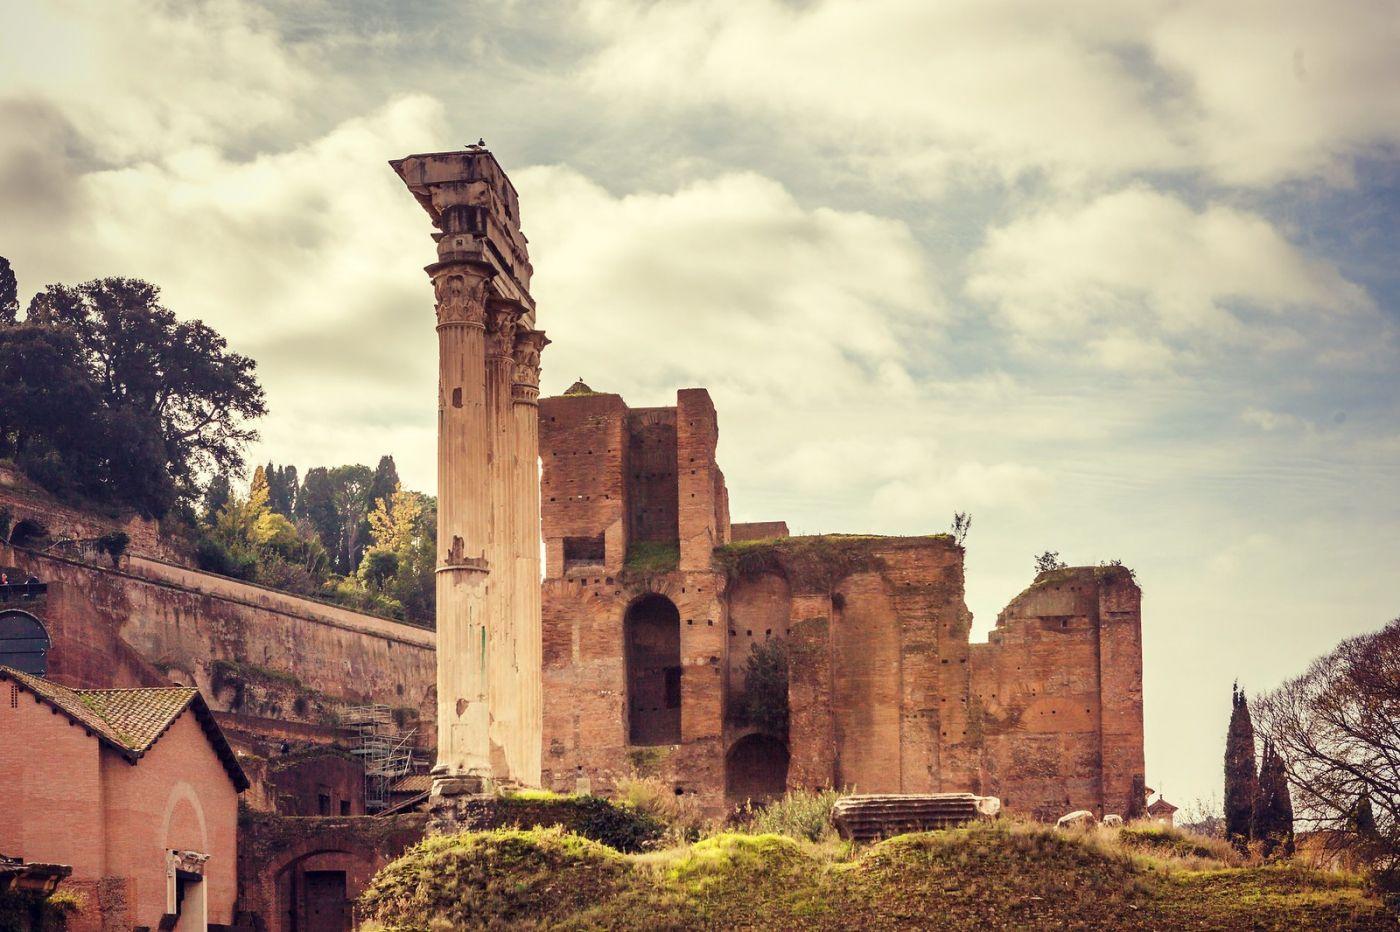 意大利罗马论坛,很敬佩_图1-33